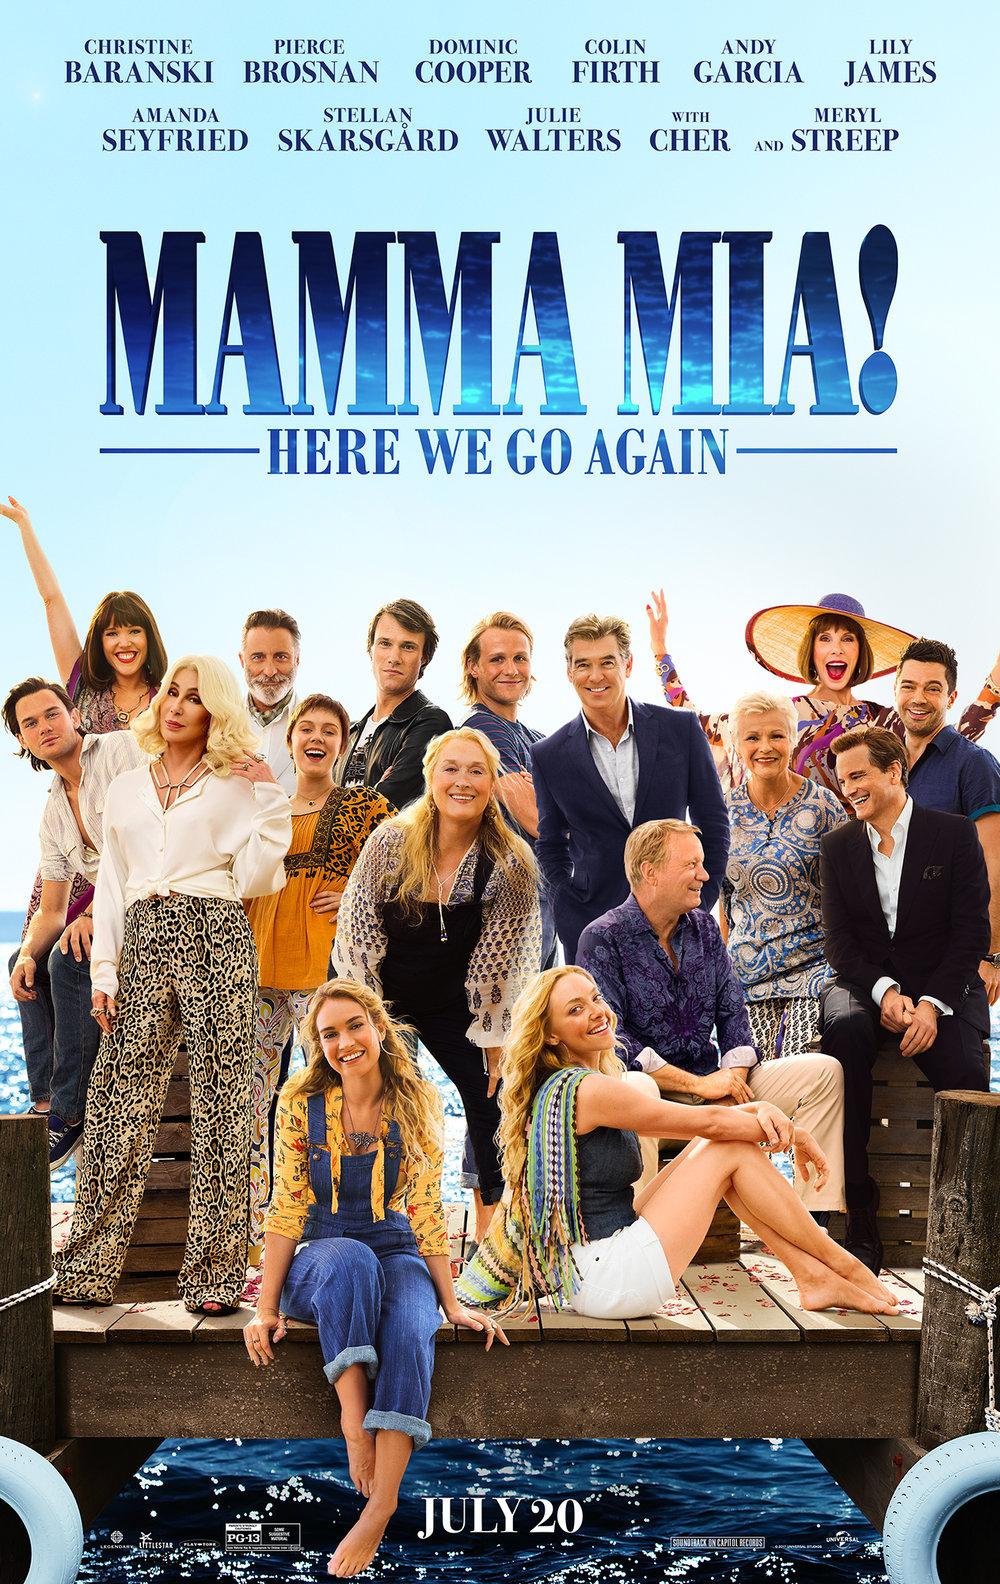 MammaMia2_Adv1Sheet_RGB_2_100dpi.jpg